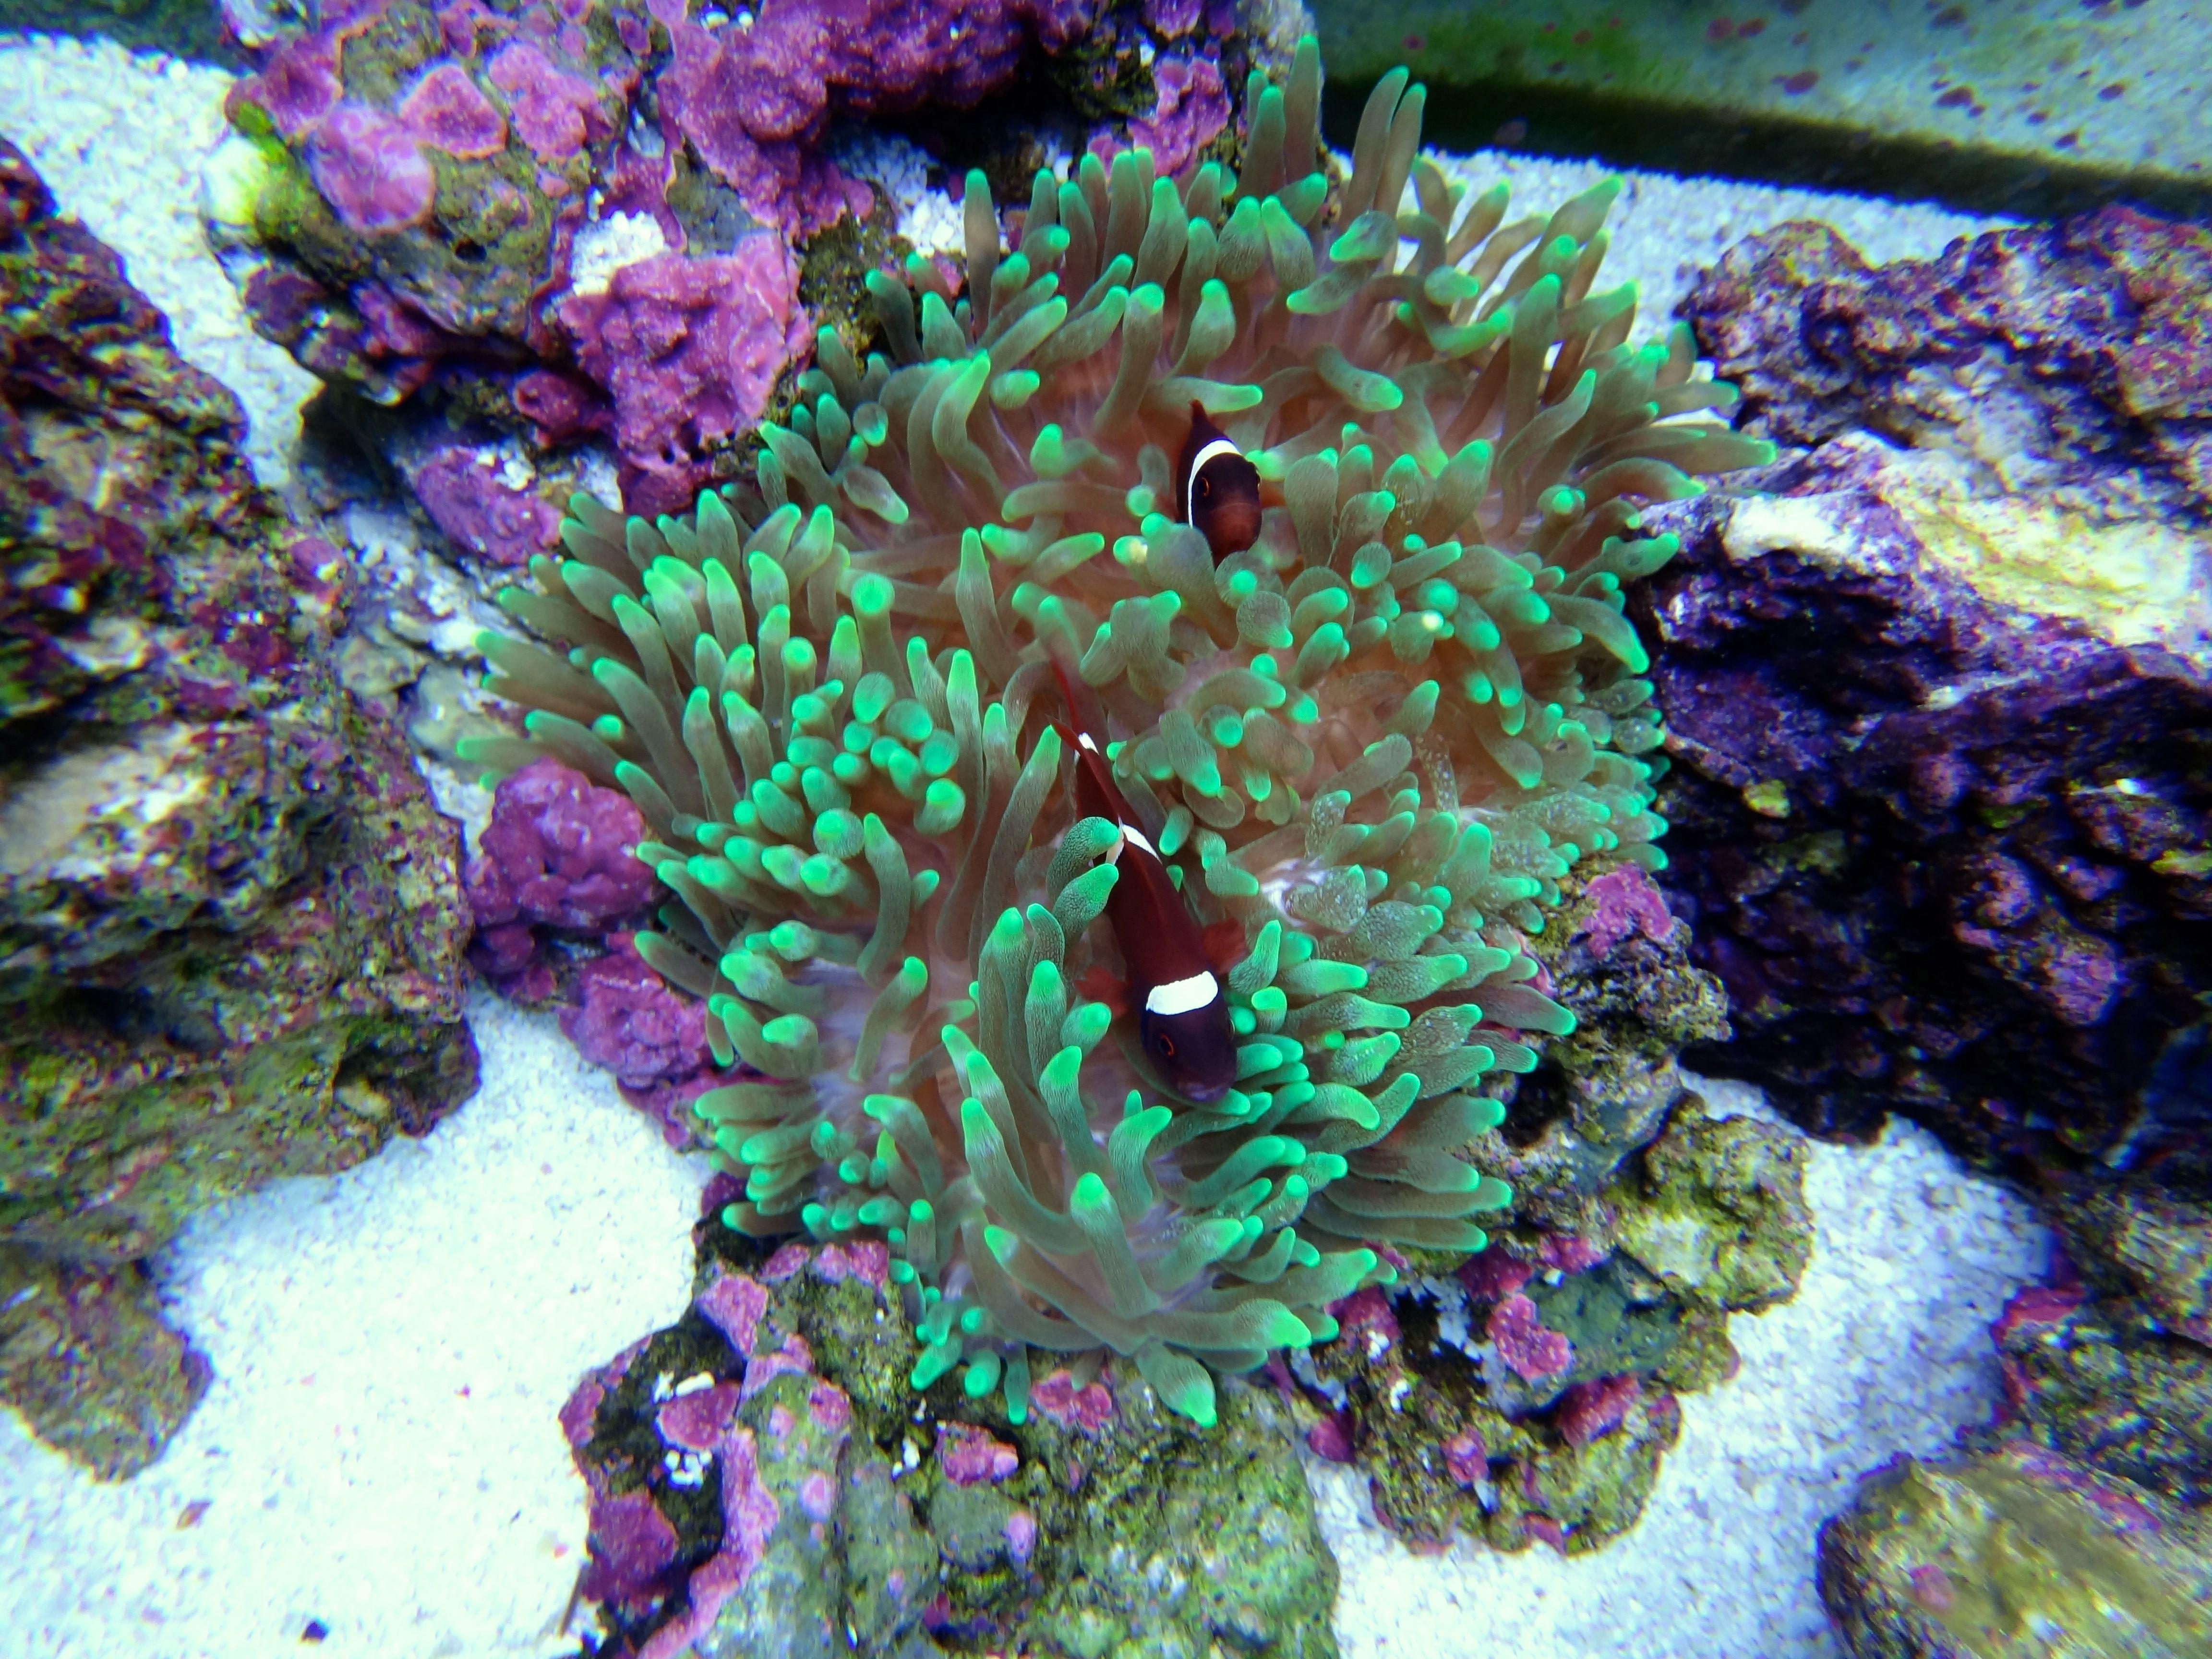 Maroon clownfish and anemone Ryan's birthday present